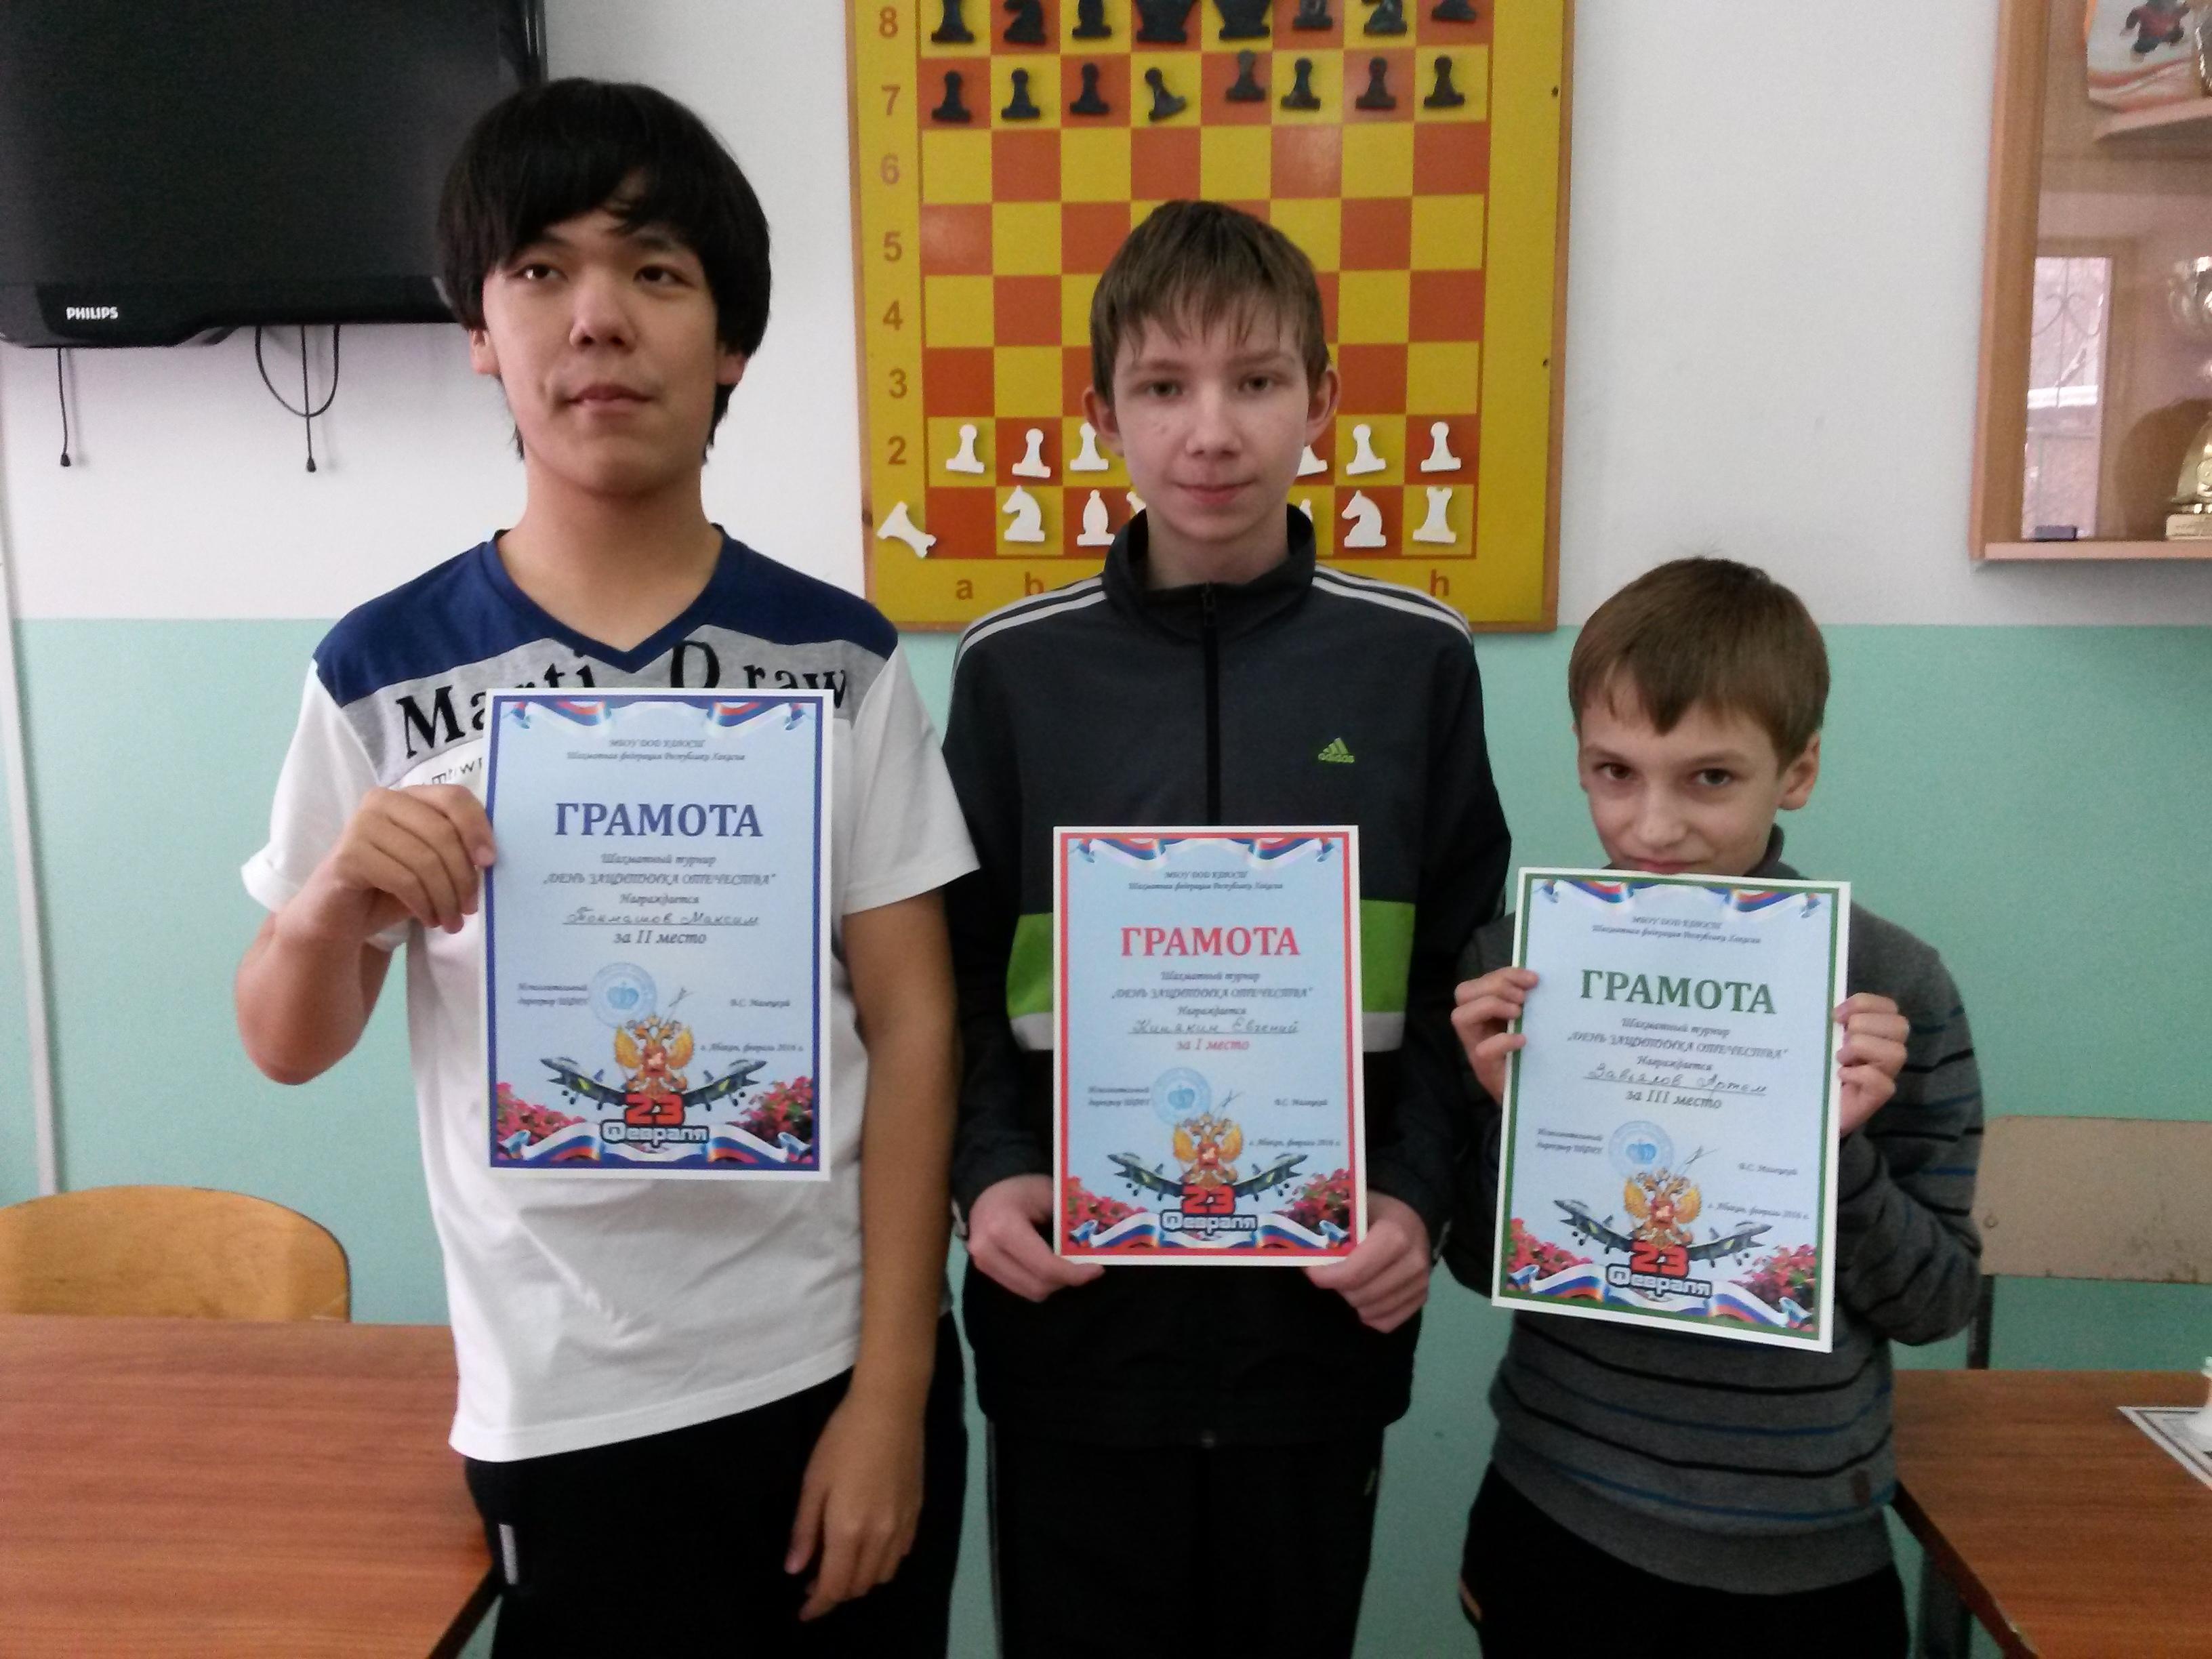 В середине победитель турнира Кинякин Евгений. Слева Токмашов Максим(2 место), справа Завьялов Артём(3 место)